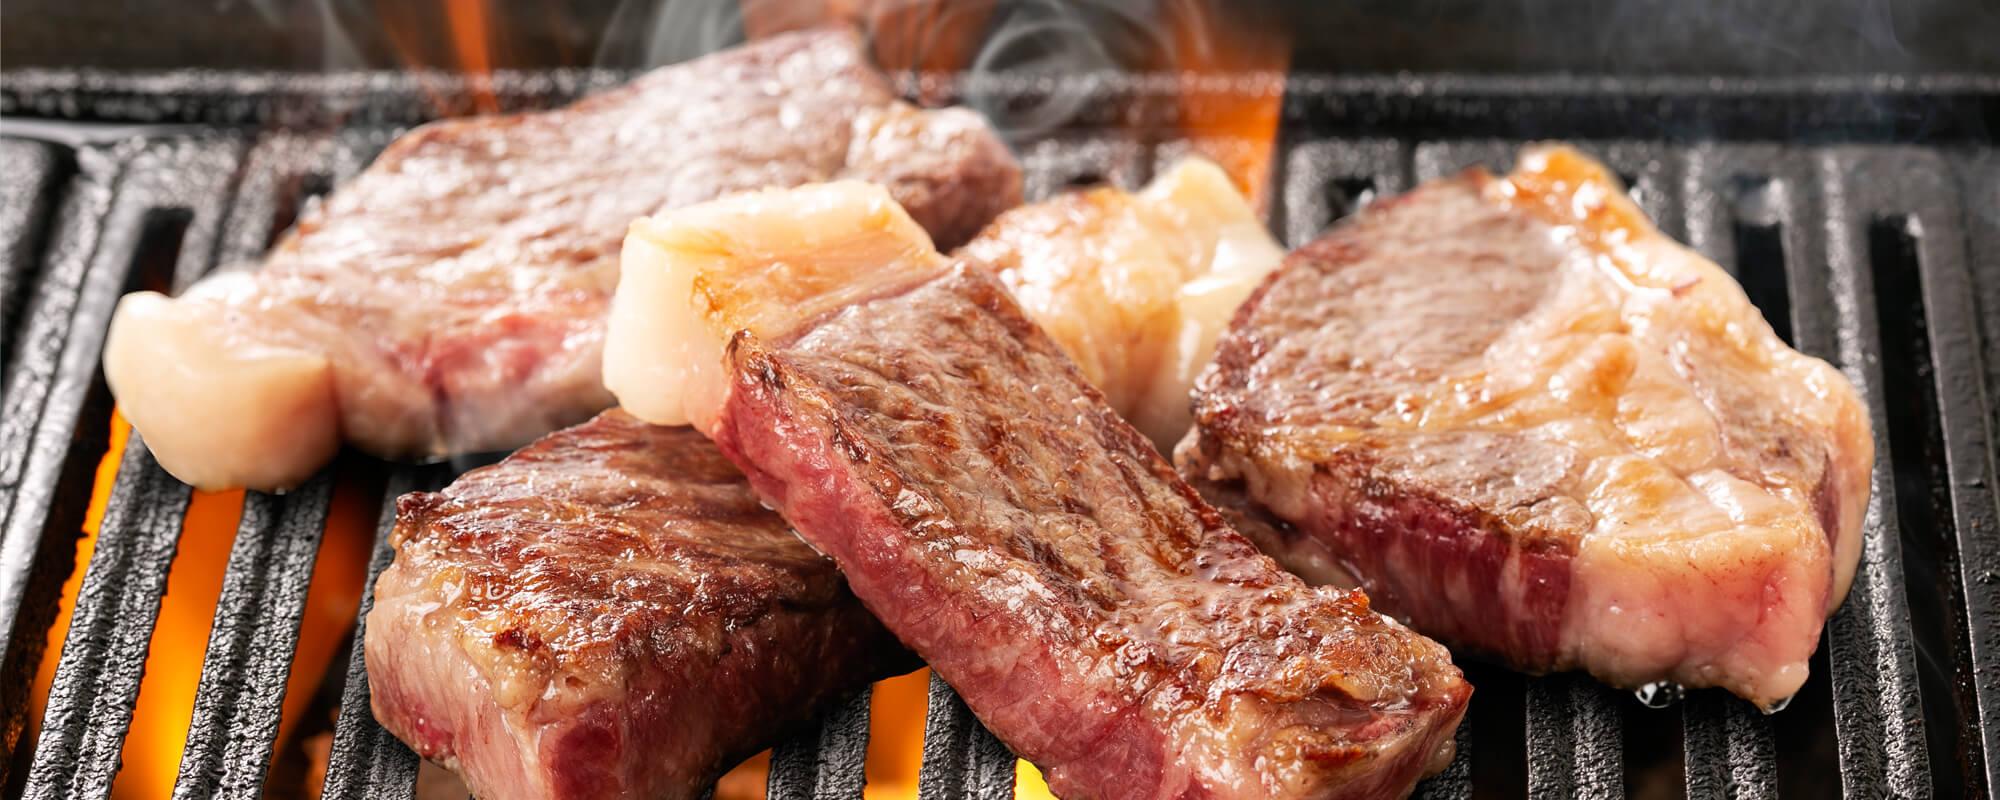 在牧場直營店「款待亭」品嚐北海道的和牛品牌「白老牛」